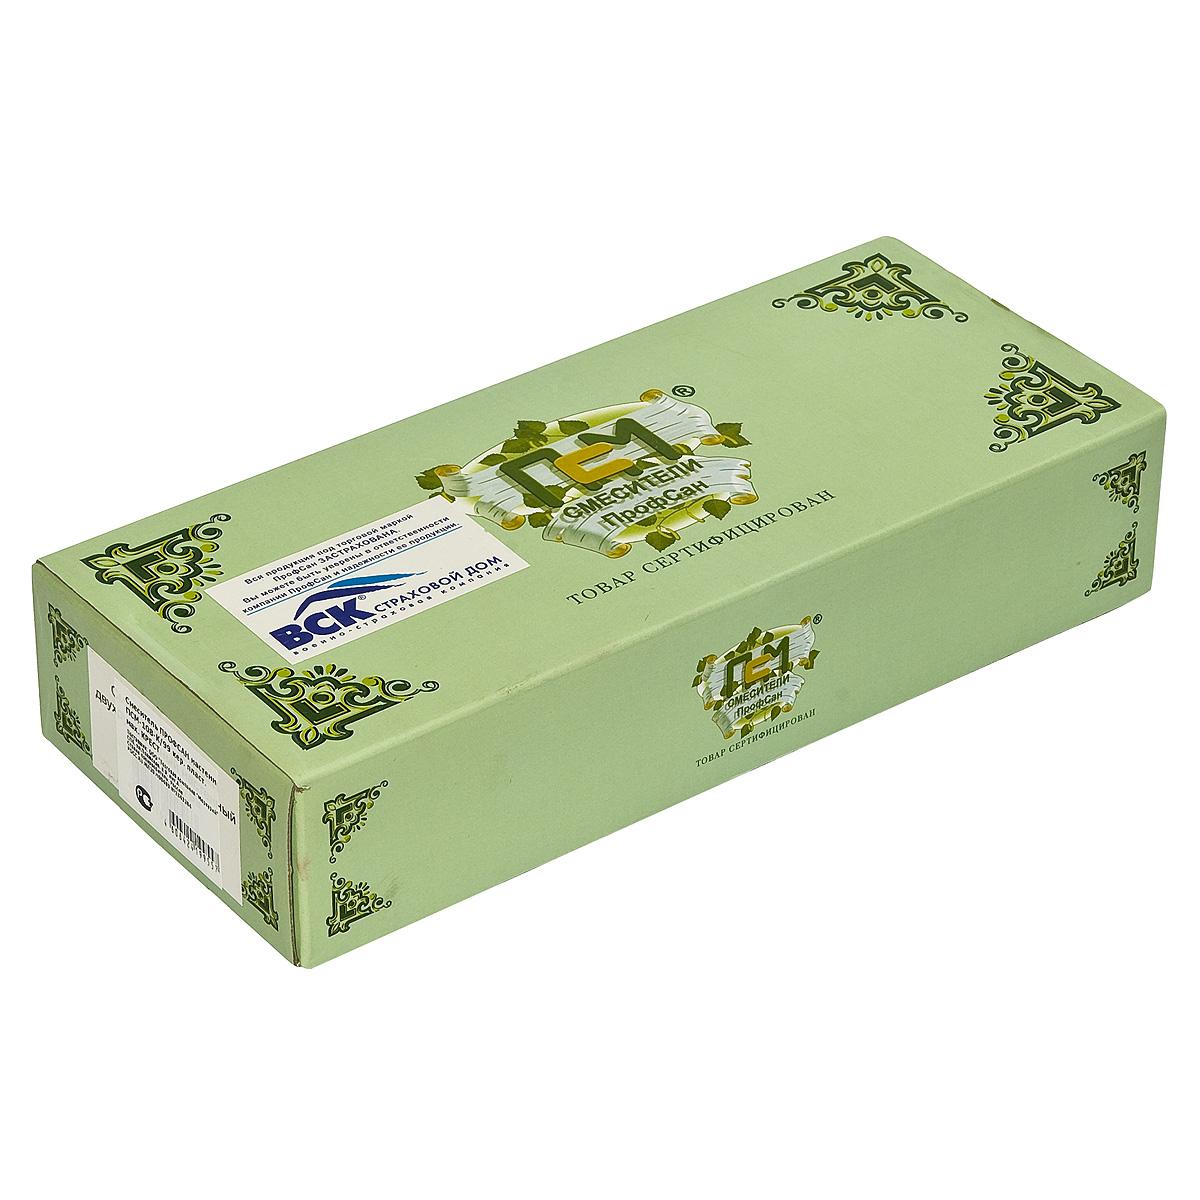 Смеситель для кухонной мойки настенный Профсан ПСМ-108-К/99